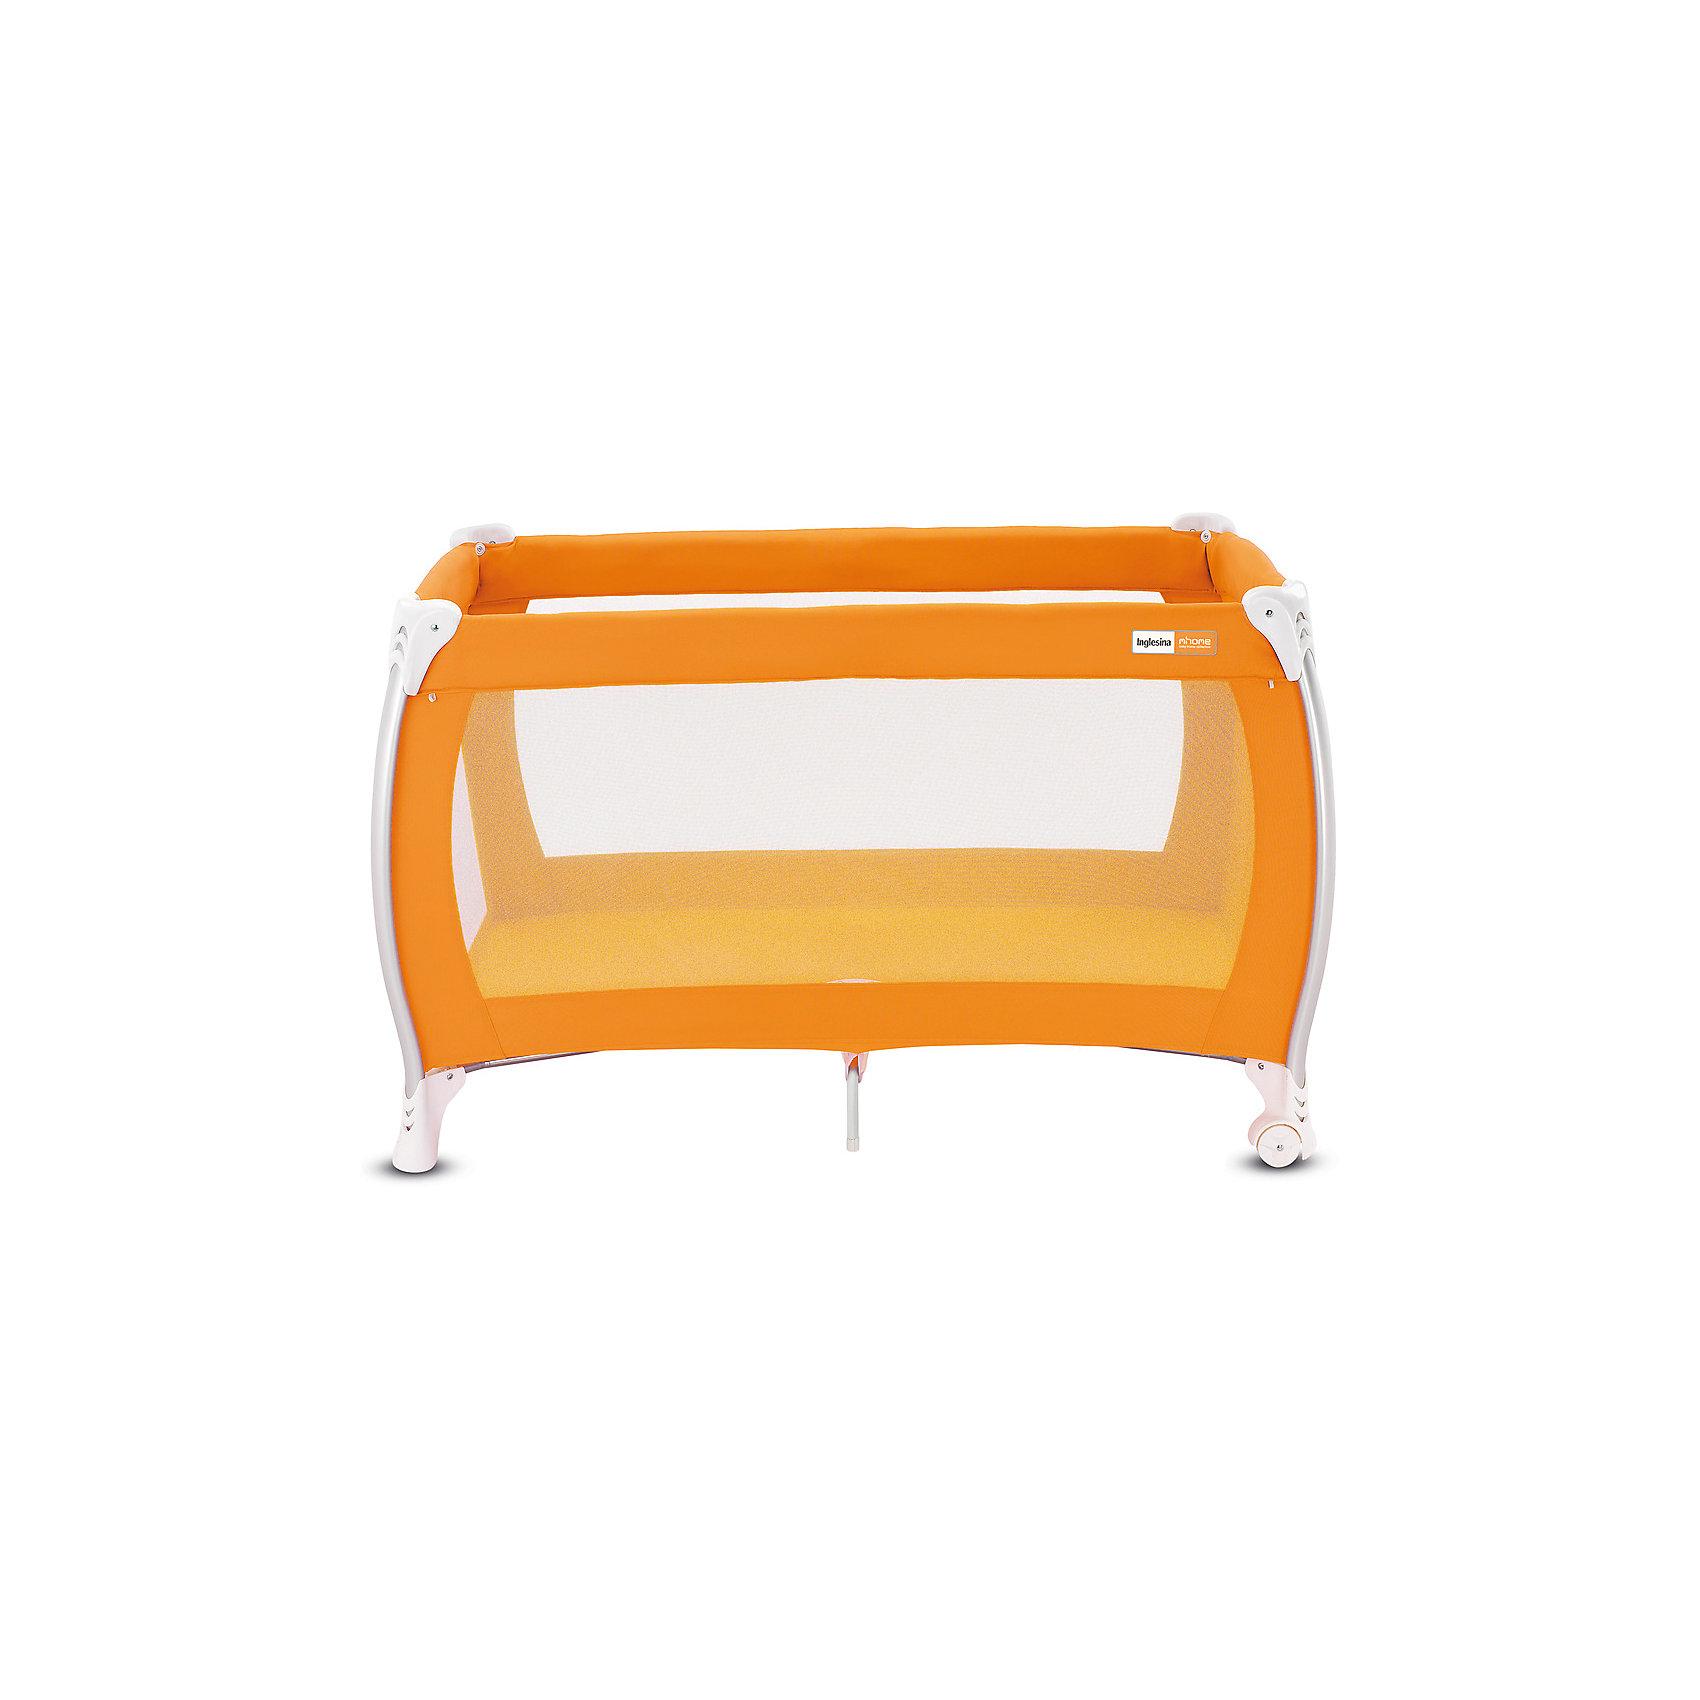 Манеж-кровать Lodge, Inglesina, orangeМанеж-кровать Daily Plus - прекрасный вариант для малышей. Модель имеет 2 колесика со стопорами для удобного перемещения манежа. Стенки из сетчатого материала обеспечивают хорошую вентиляцию и обзор, дополнительные ножки-упоры гарантируют устойчивость и безопасность даже самым непоседливым малышам.  Манеж-кровать быстро и компактно складывается, колесики позволяют также перемещать модель в сложенном виде. В производстве изделия использованы только экологичные, безопасные для детей материалы. <br><br>Дополнительная информация:<br><br>- Материал: текстиль, пластик, металл. <br>- Размер: 79x126x72 см. <br>- Размер в сложенном виде: 26x79x26 см. <br>- 2 колесика для удобного перемещения.<br>- Дополнительные ножки-упоры. <br>- Регулировка по высоте (в 2 положениях).<br>- Легко и компактно складывается. <br>- Боковая дверца на молнии. <br>- Для детей от рождения и до 3 лет (весом до 14 кг).<br>- Комплектация: кроватка, основание под матрас, матрас <br>опоры для верхнего яруса,  трубы для дна верхнего яруса <br>москитная сетка,  сумка для транспортировки кроватки,  боковой карман.<br><br>Манеж-кровать Lodge, Inglesina (Инглезина), можно купить в нашем магазине.<br><br>Ширина мм: 250<br>Глубина мм: 250<br>Высота мм: 805<br>Вес г: 10300<br>Возраст от месяцев: 0<br>Возраст до месяцев: 36<br>Пол: Унисекс<br>Возраст: Детский<br>SKU: 4764282